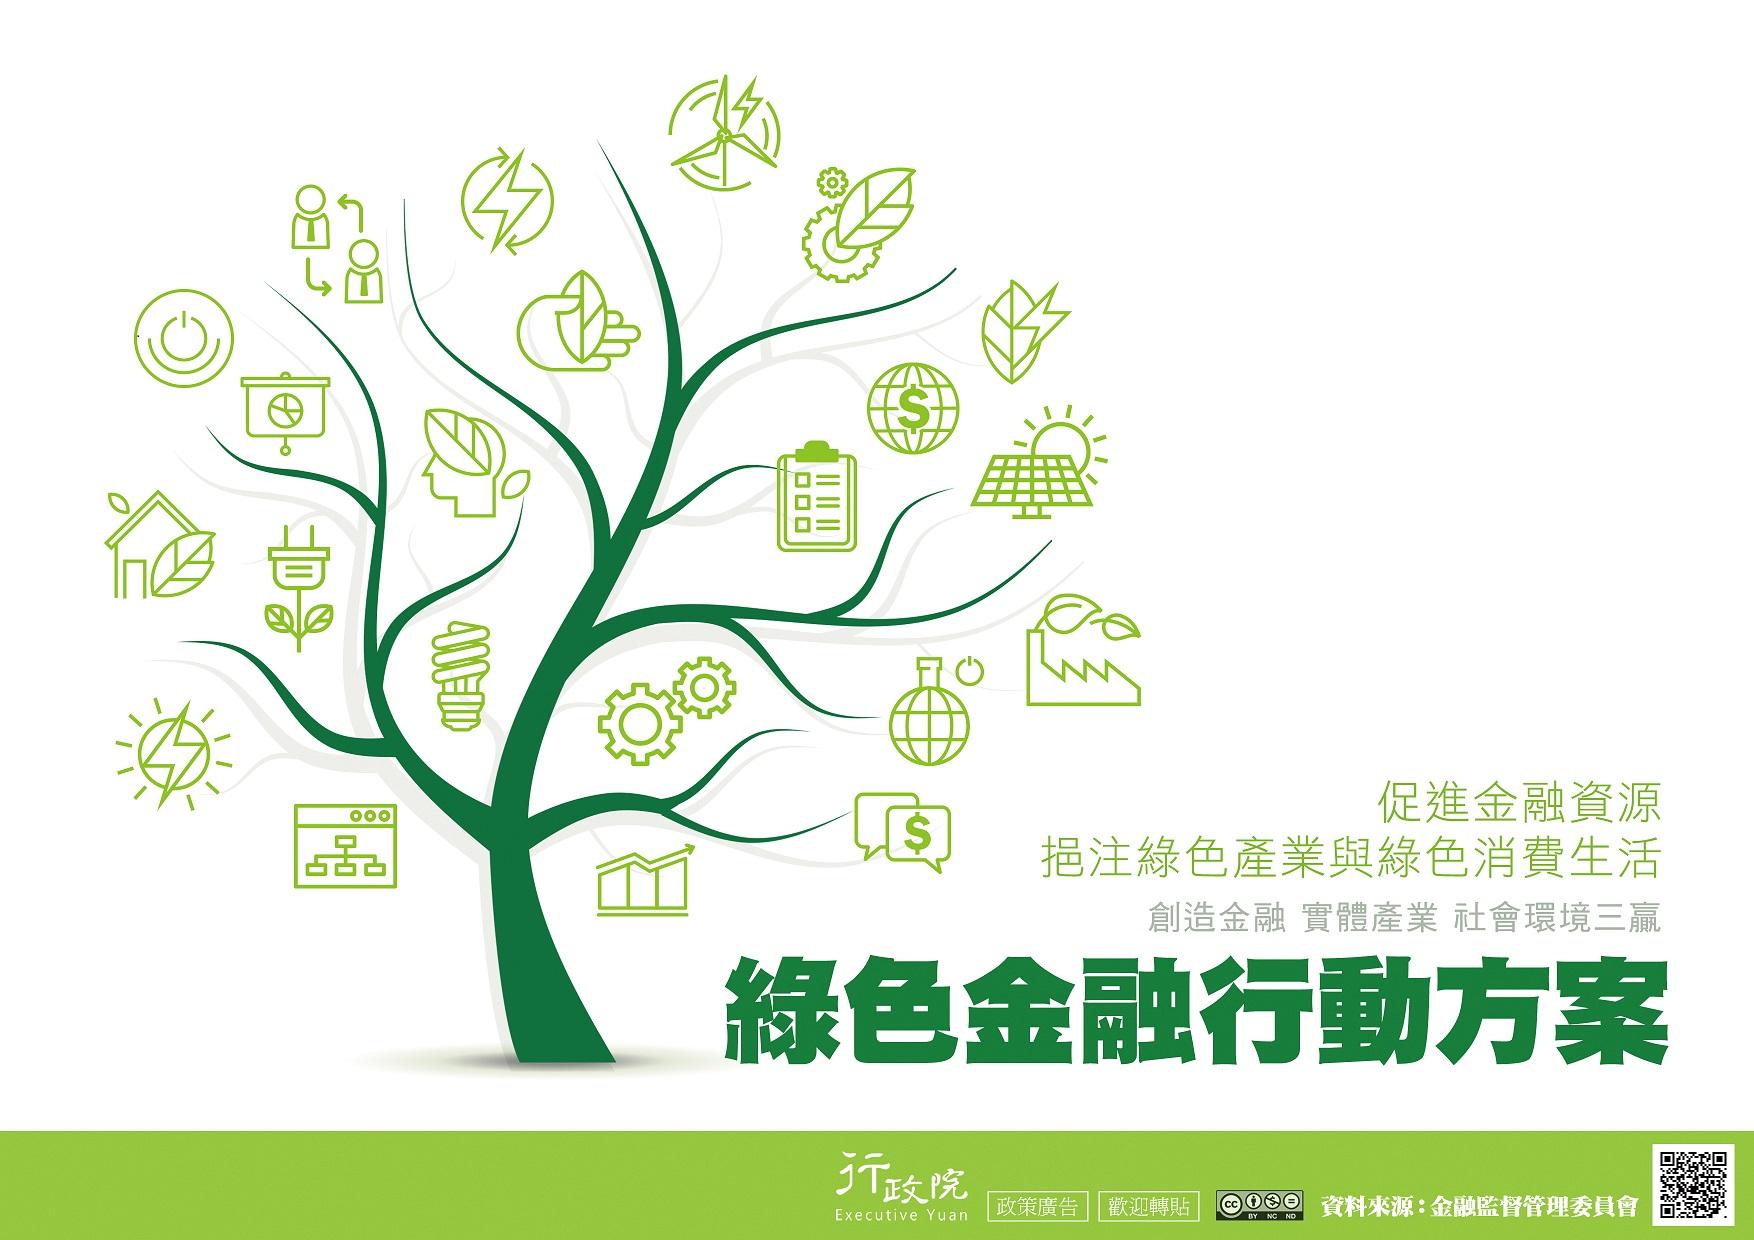 綠色金融行動方案.jpg